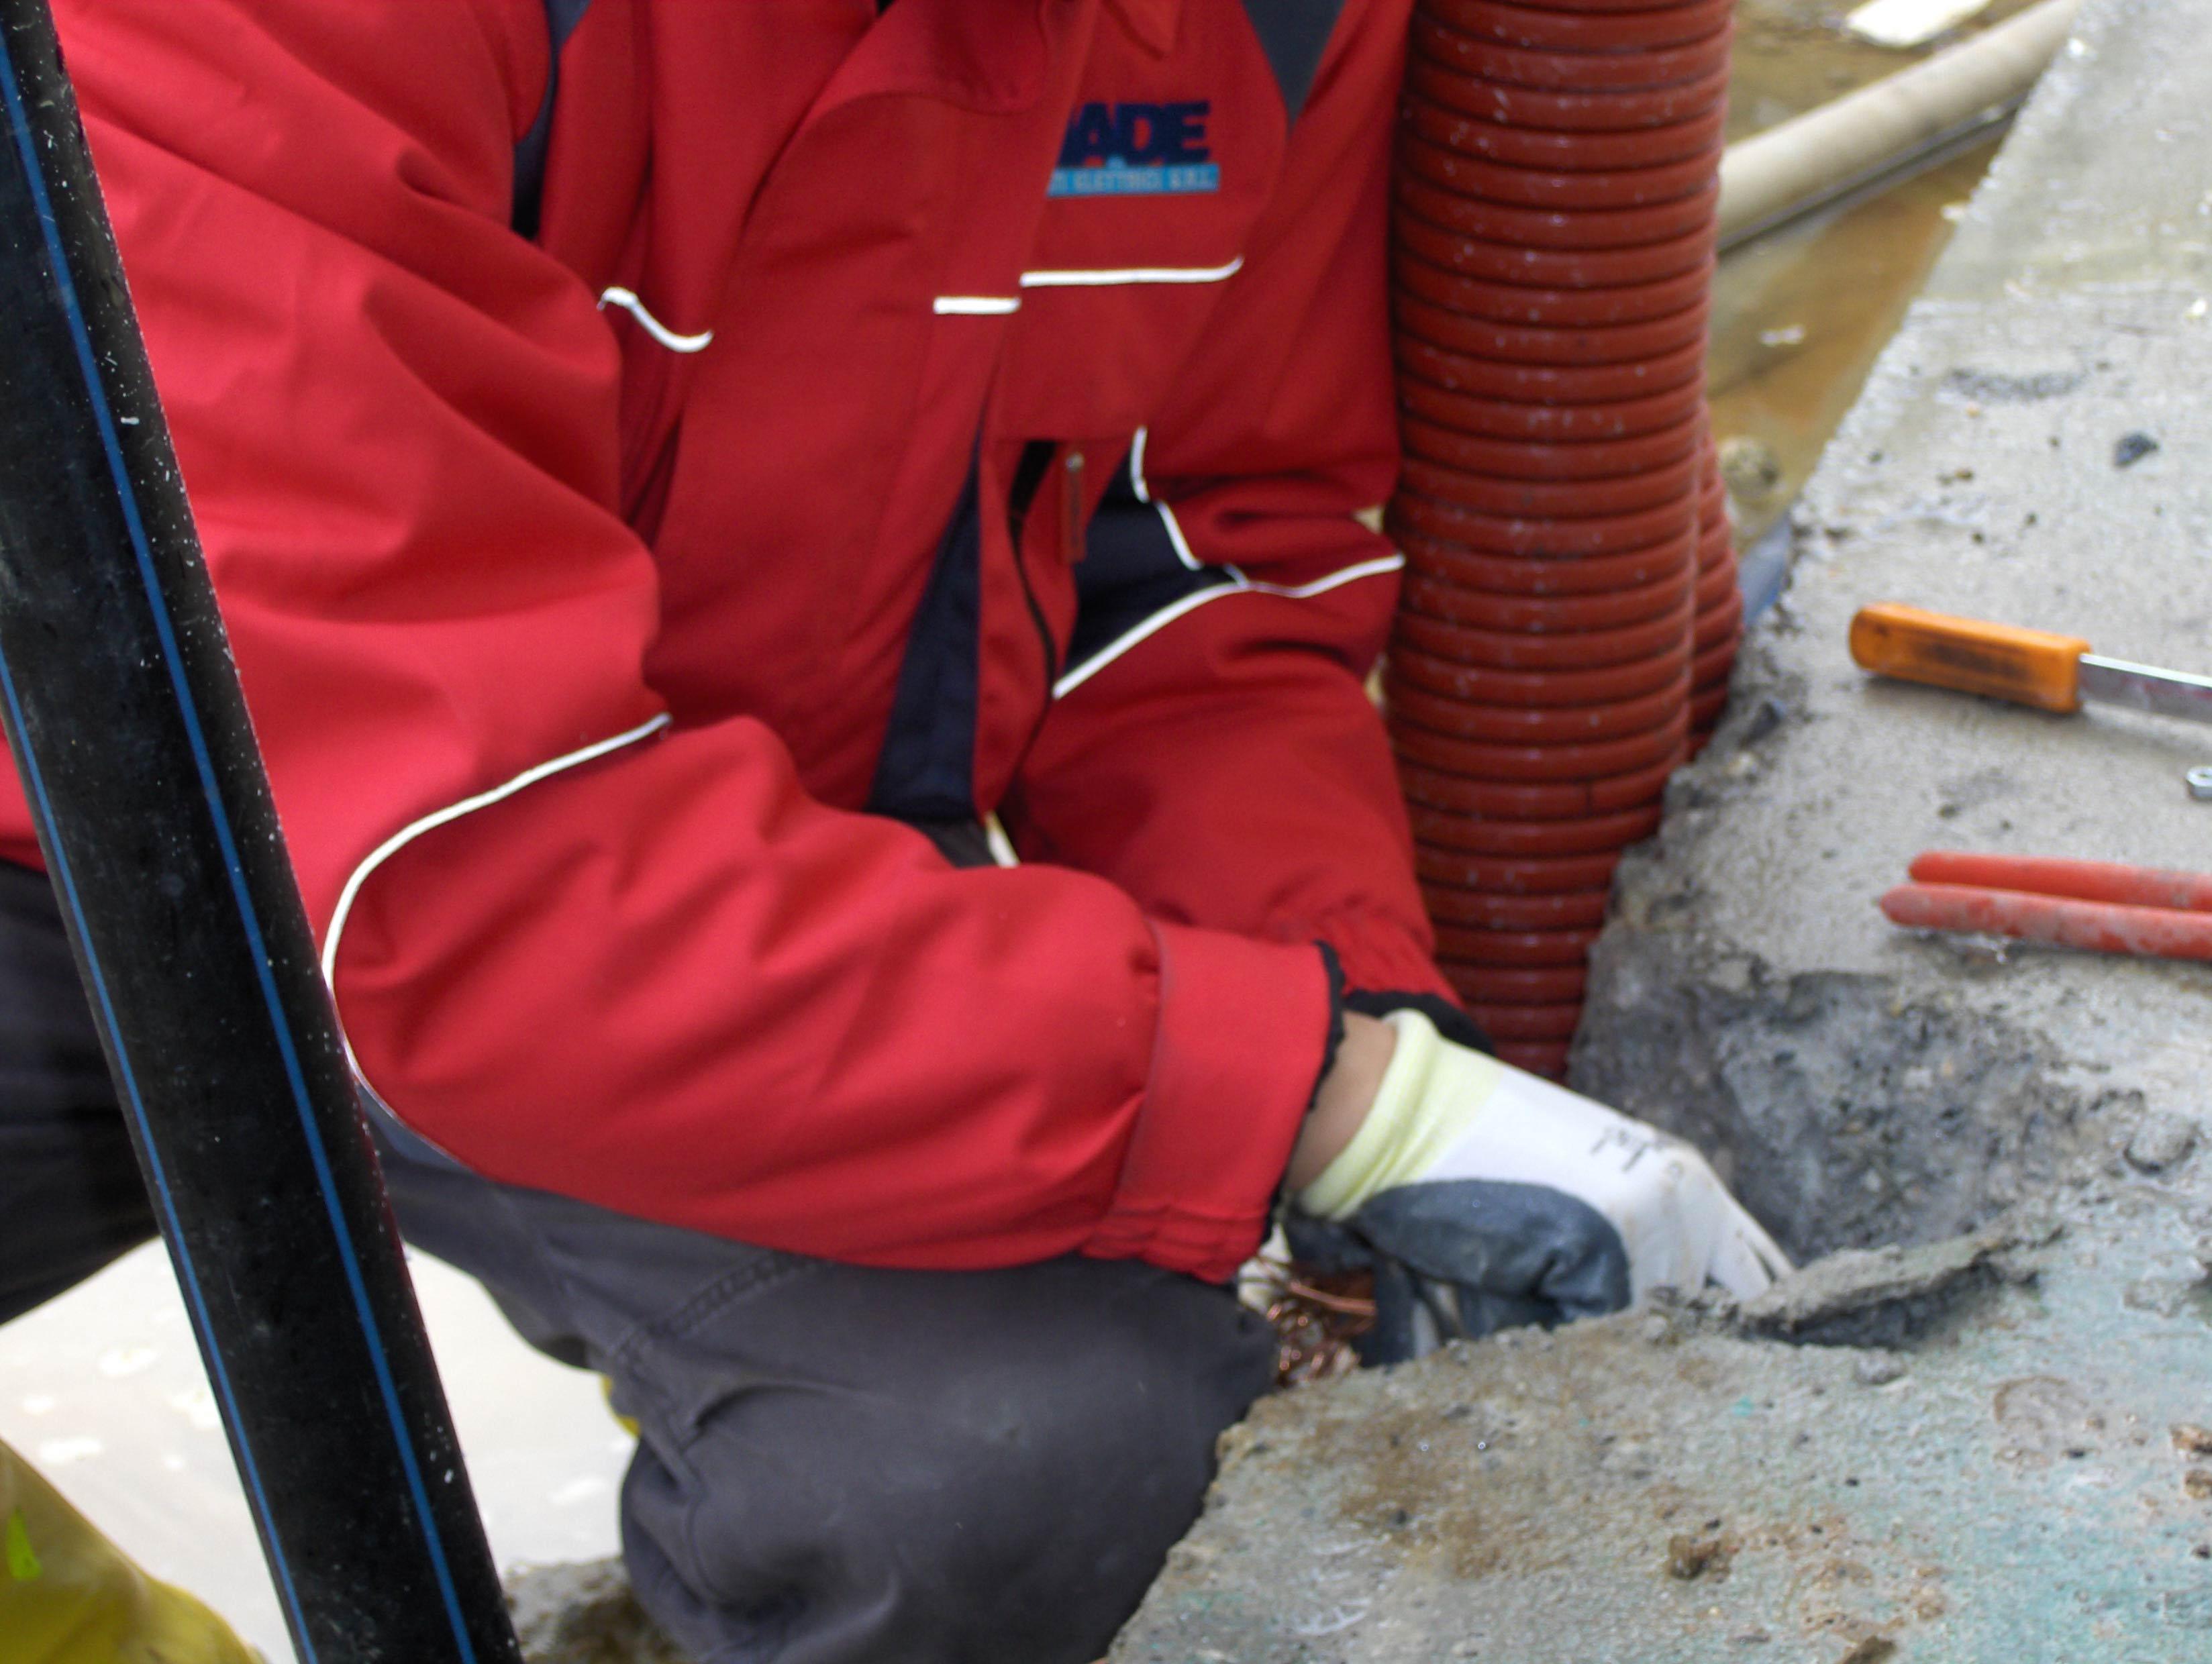 un uomo con una giacca rossa chinato a terra mentre sta effettuando una riparazione in un terreno scavato